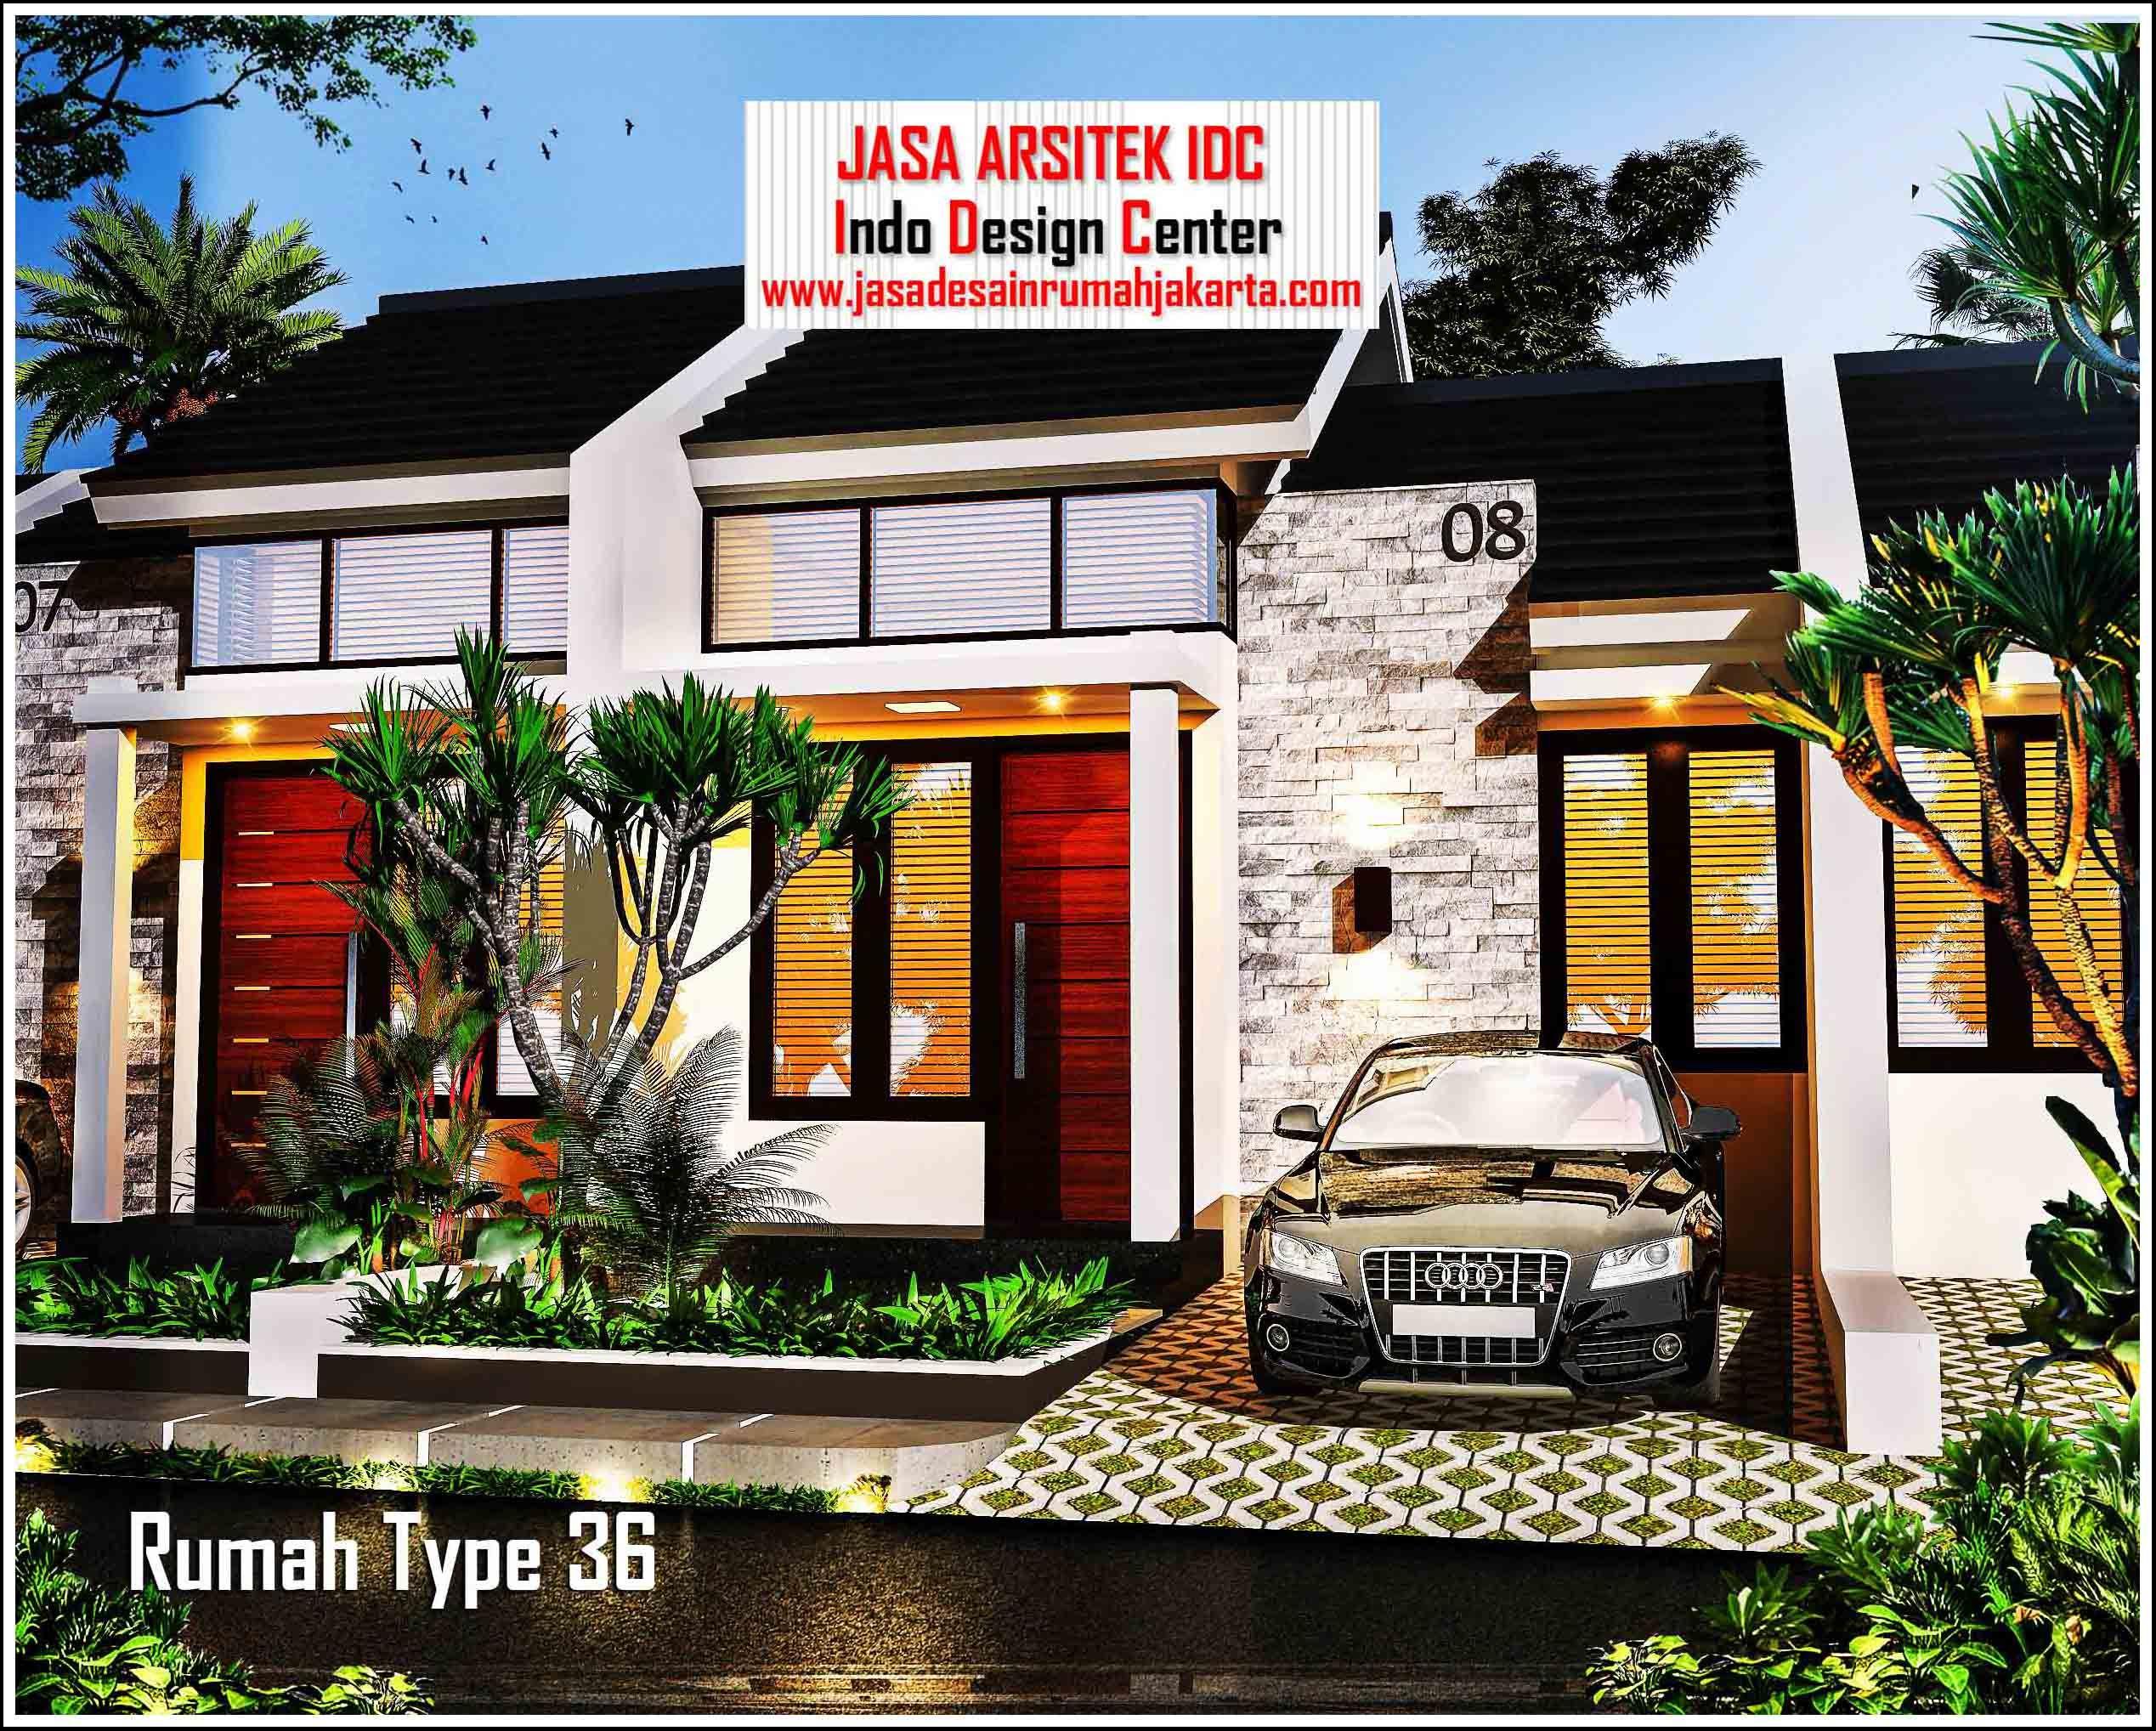 Desain Rumah Type 36 72 2 Lantai Hd Cek Bahan Bangunan